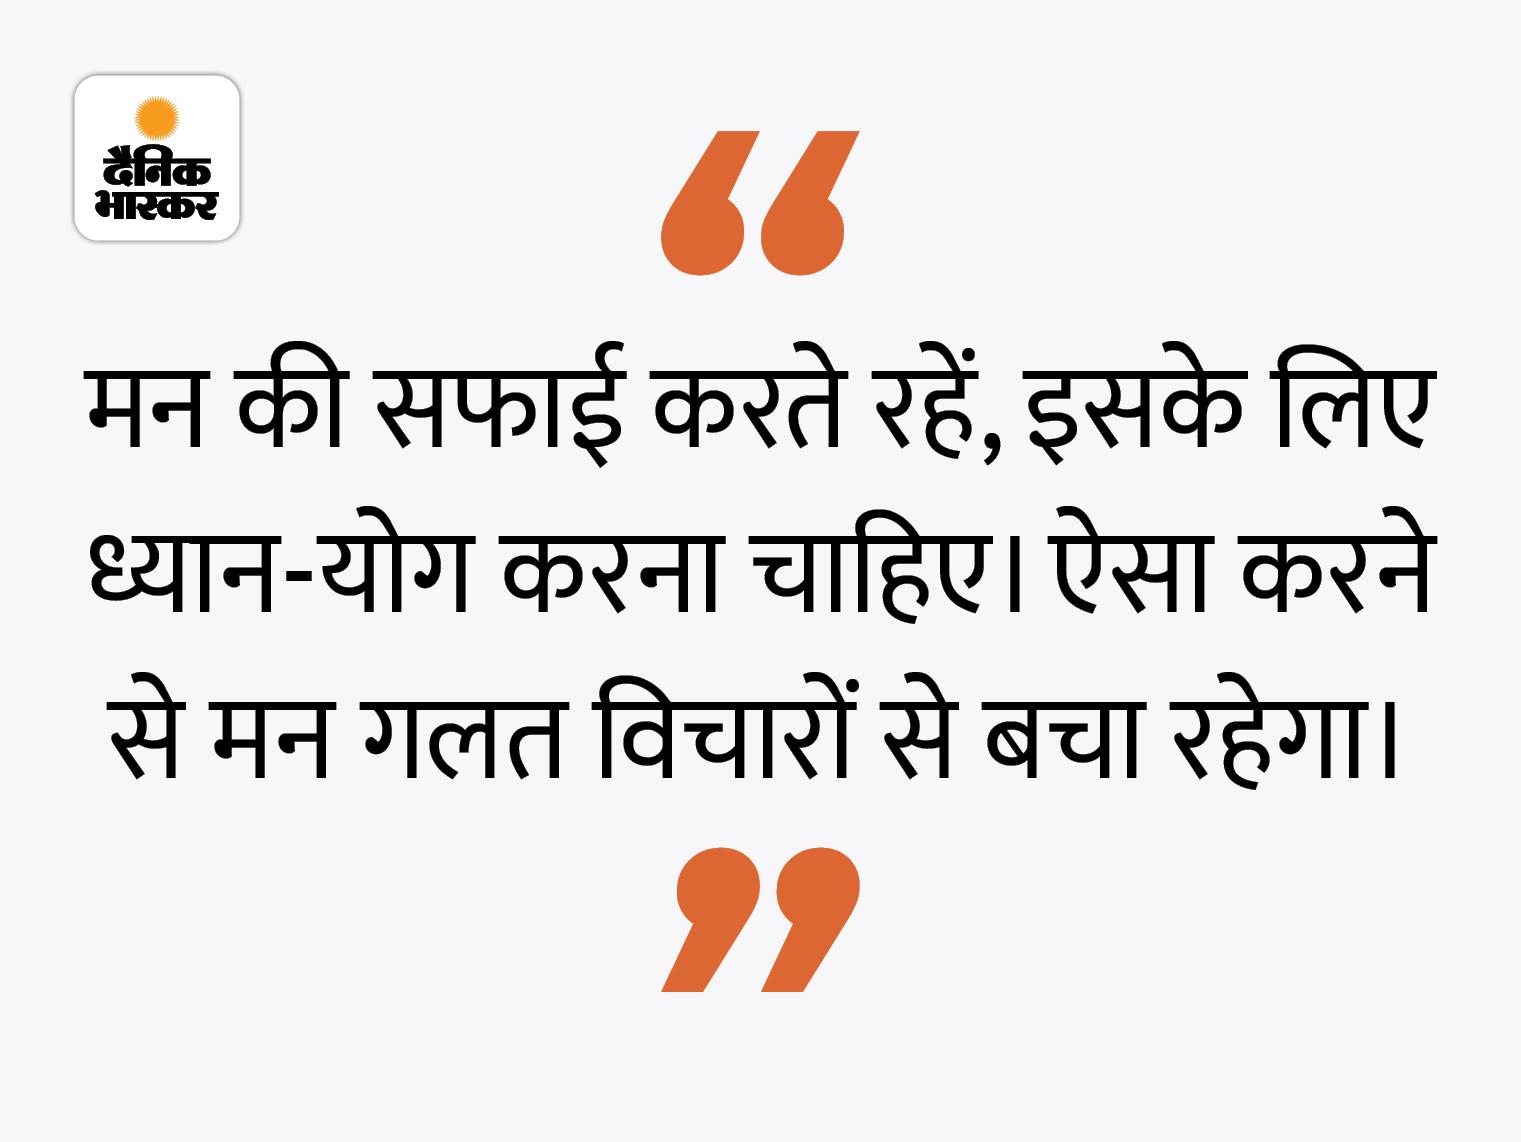 सारे बुरे विचार मन से ही उत्पन्न होते हैं, मन पर नियंत्रण रखें|धर्म,Dharm - Dainik Bhaskar